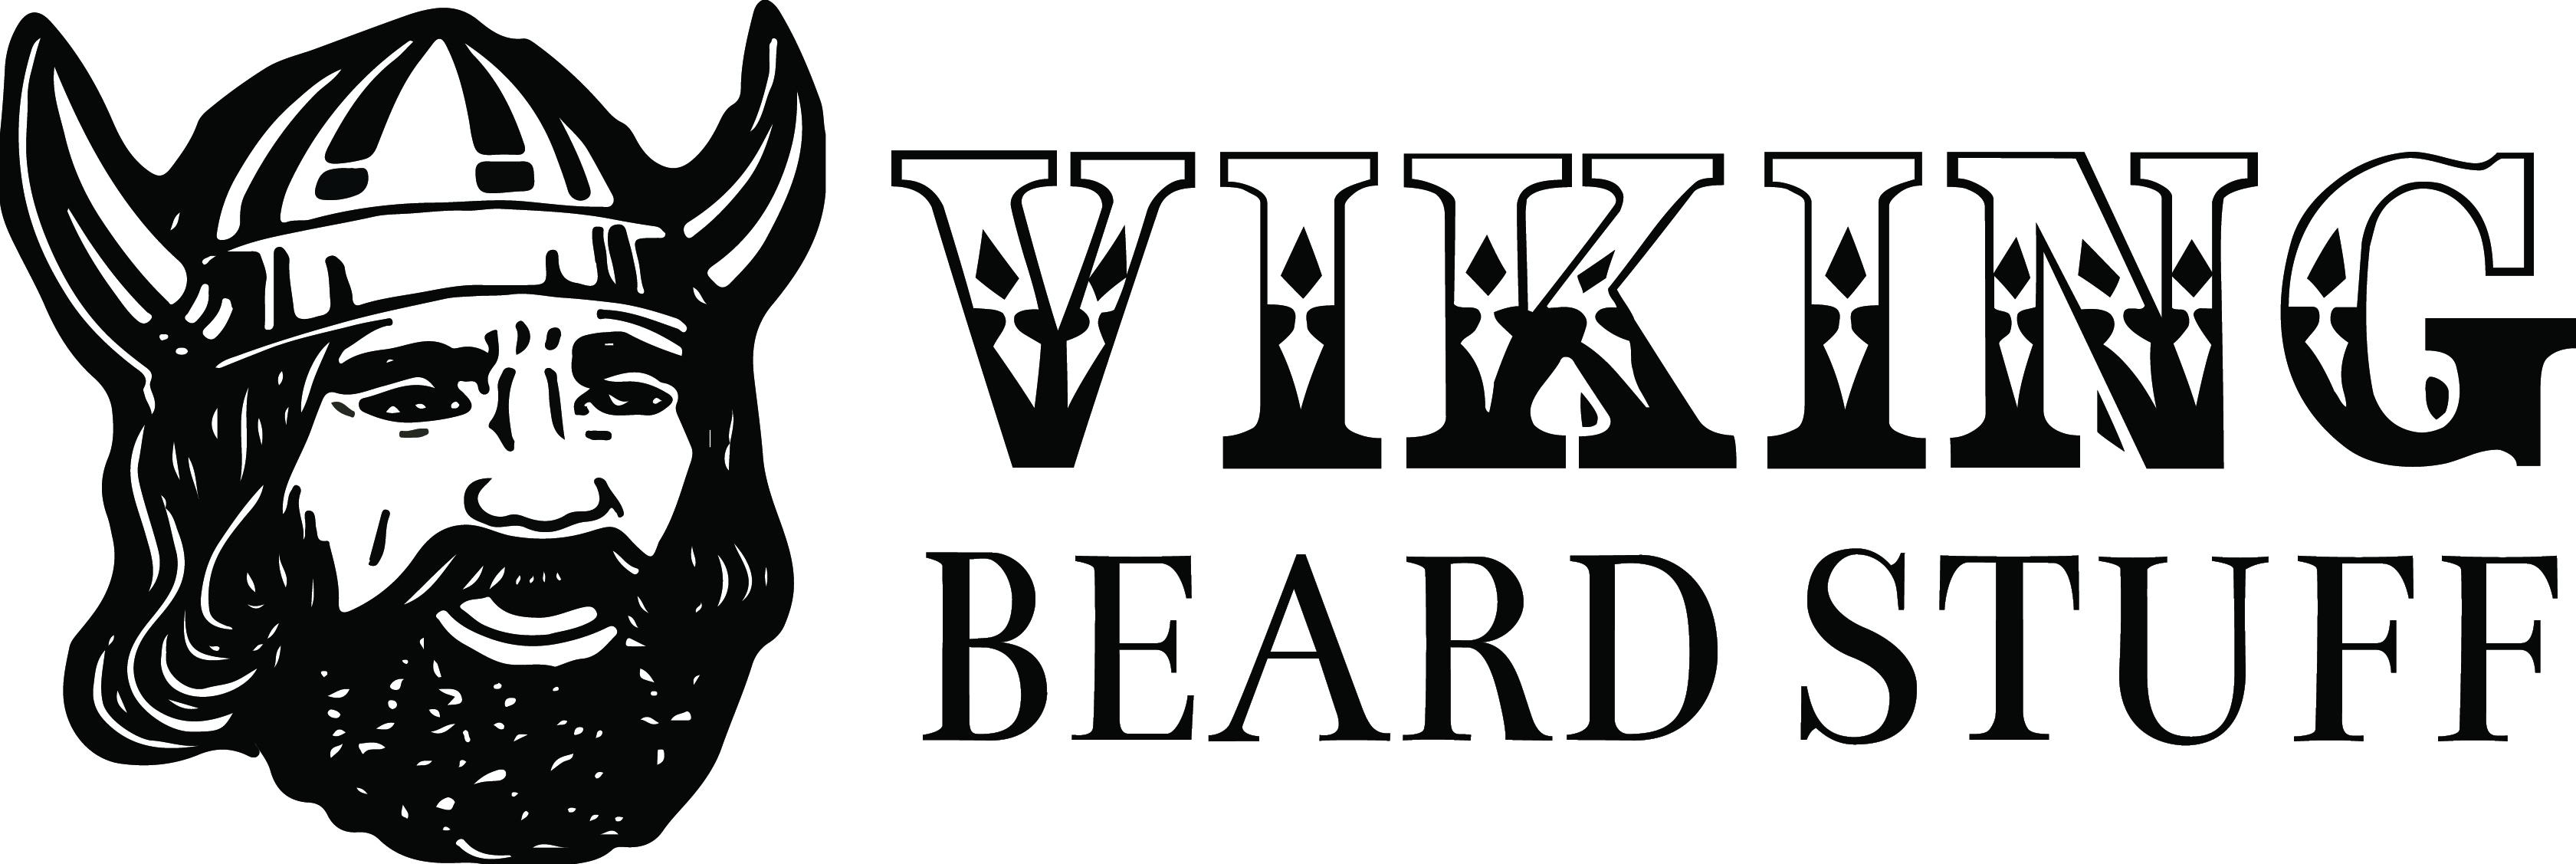 Viking Beard Stuff